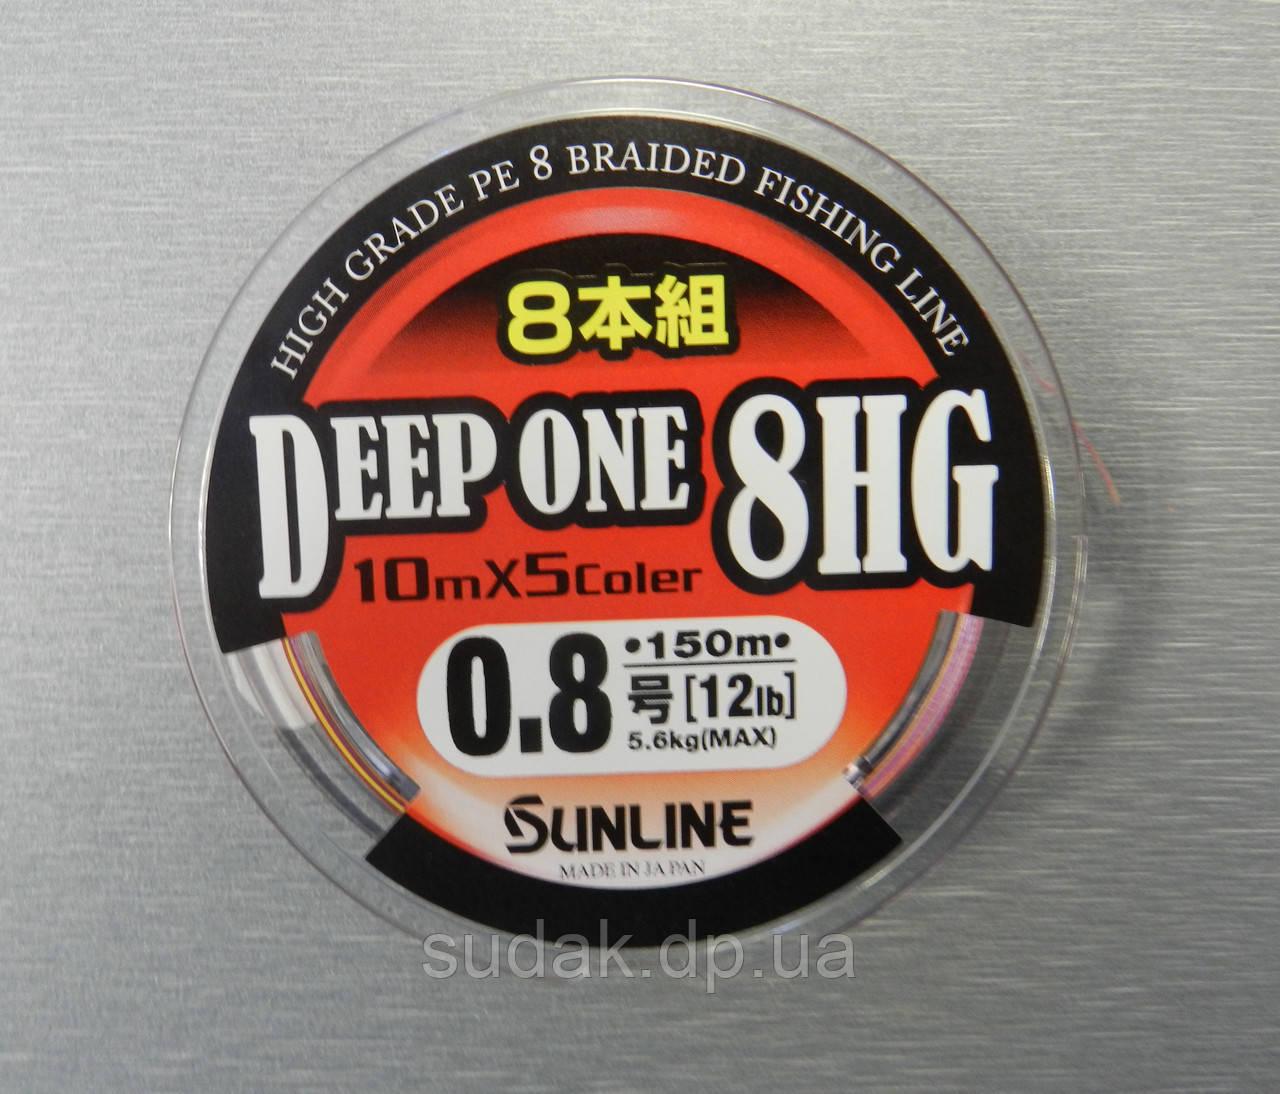 Шнур Sunline Deep One 8HG 150m #0.8 / 0.148mm 5.6kg